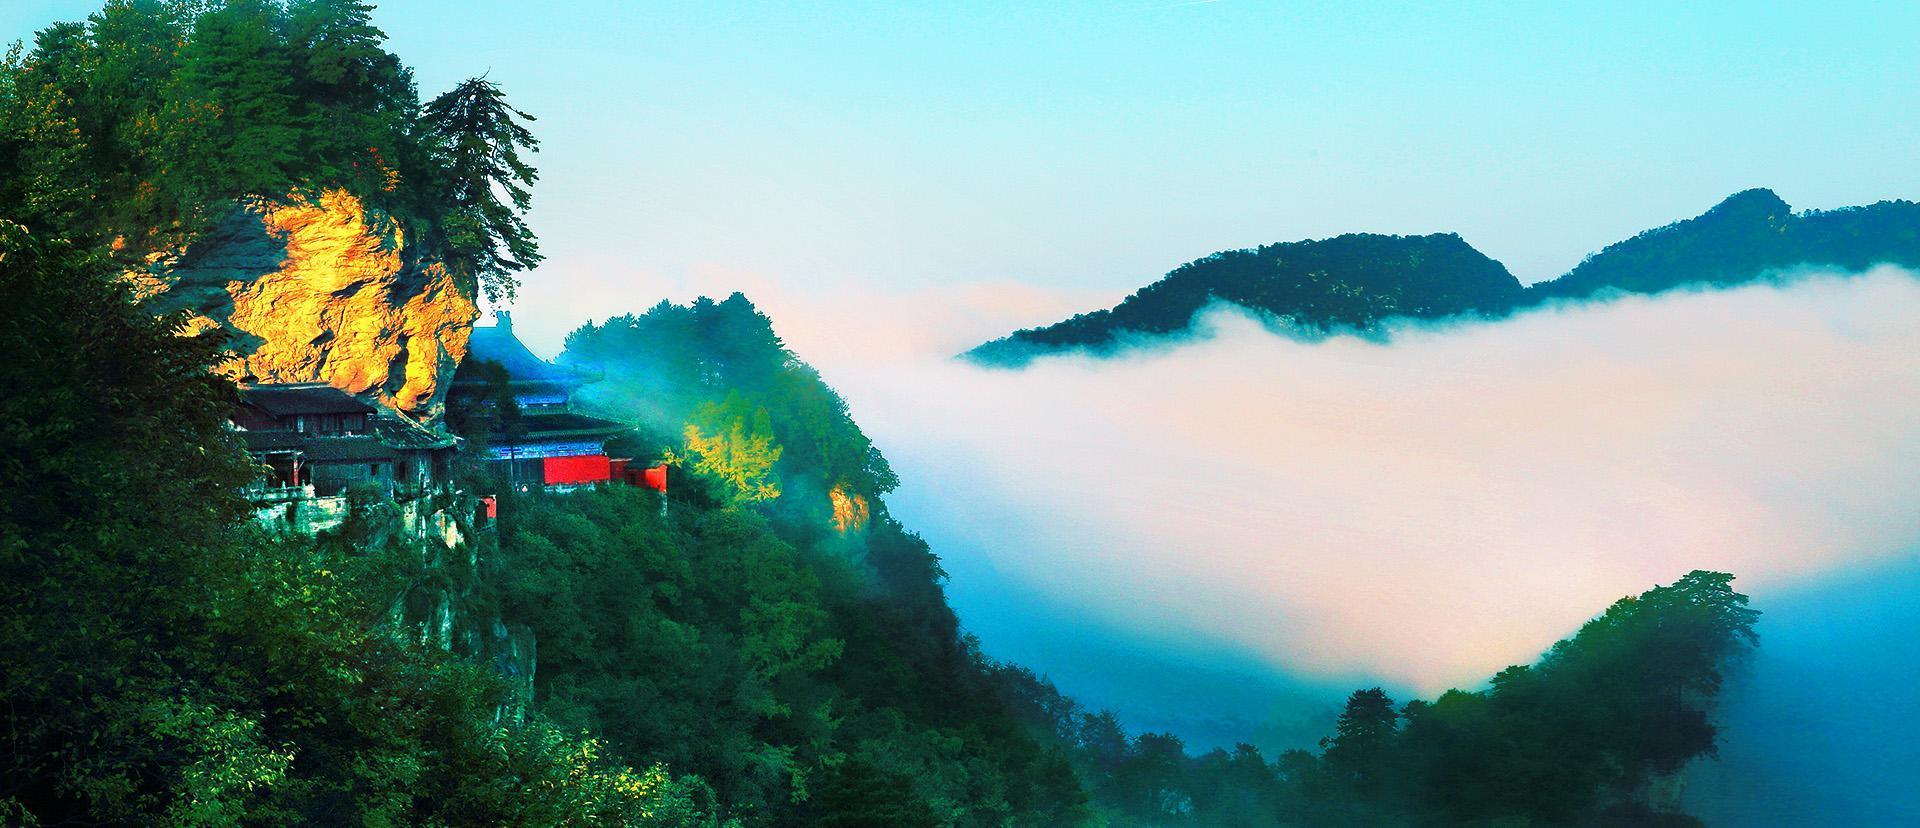 曲则有情:武当山复真观九曲黄河墙的独特魅力